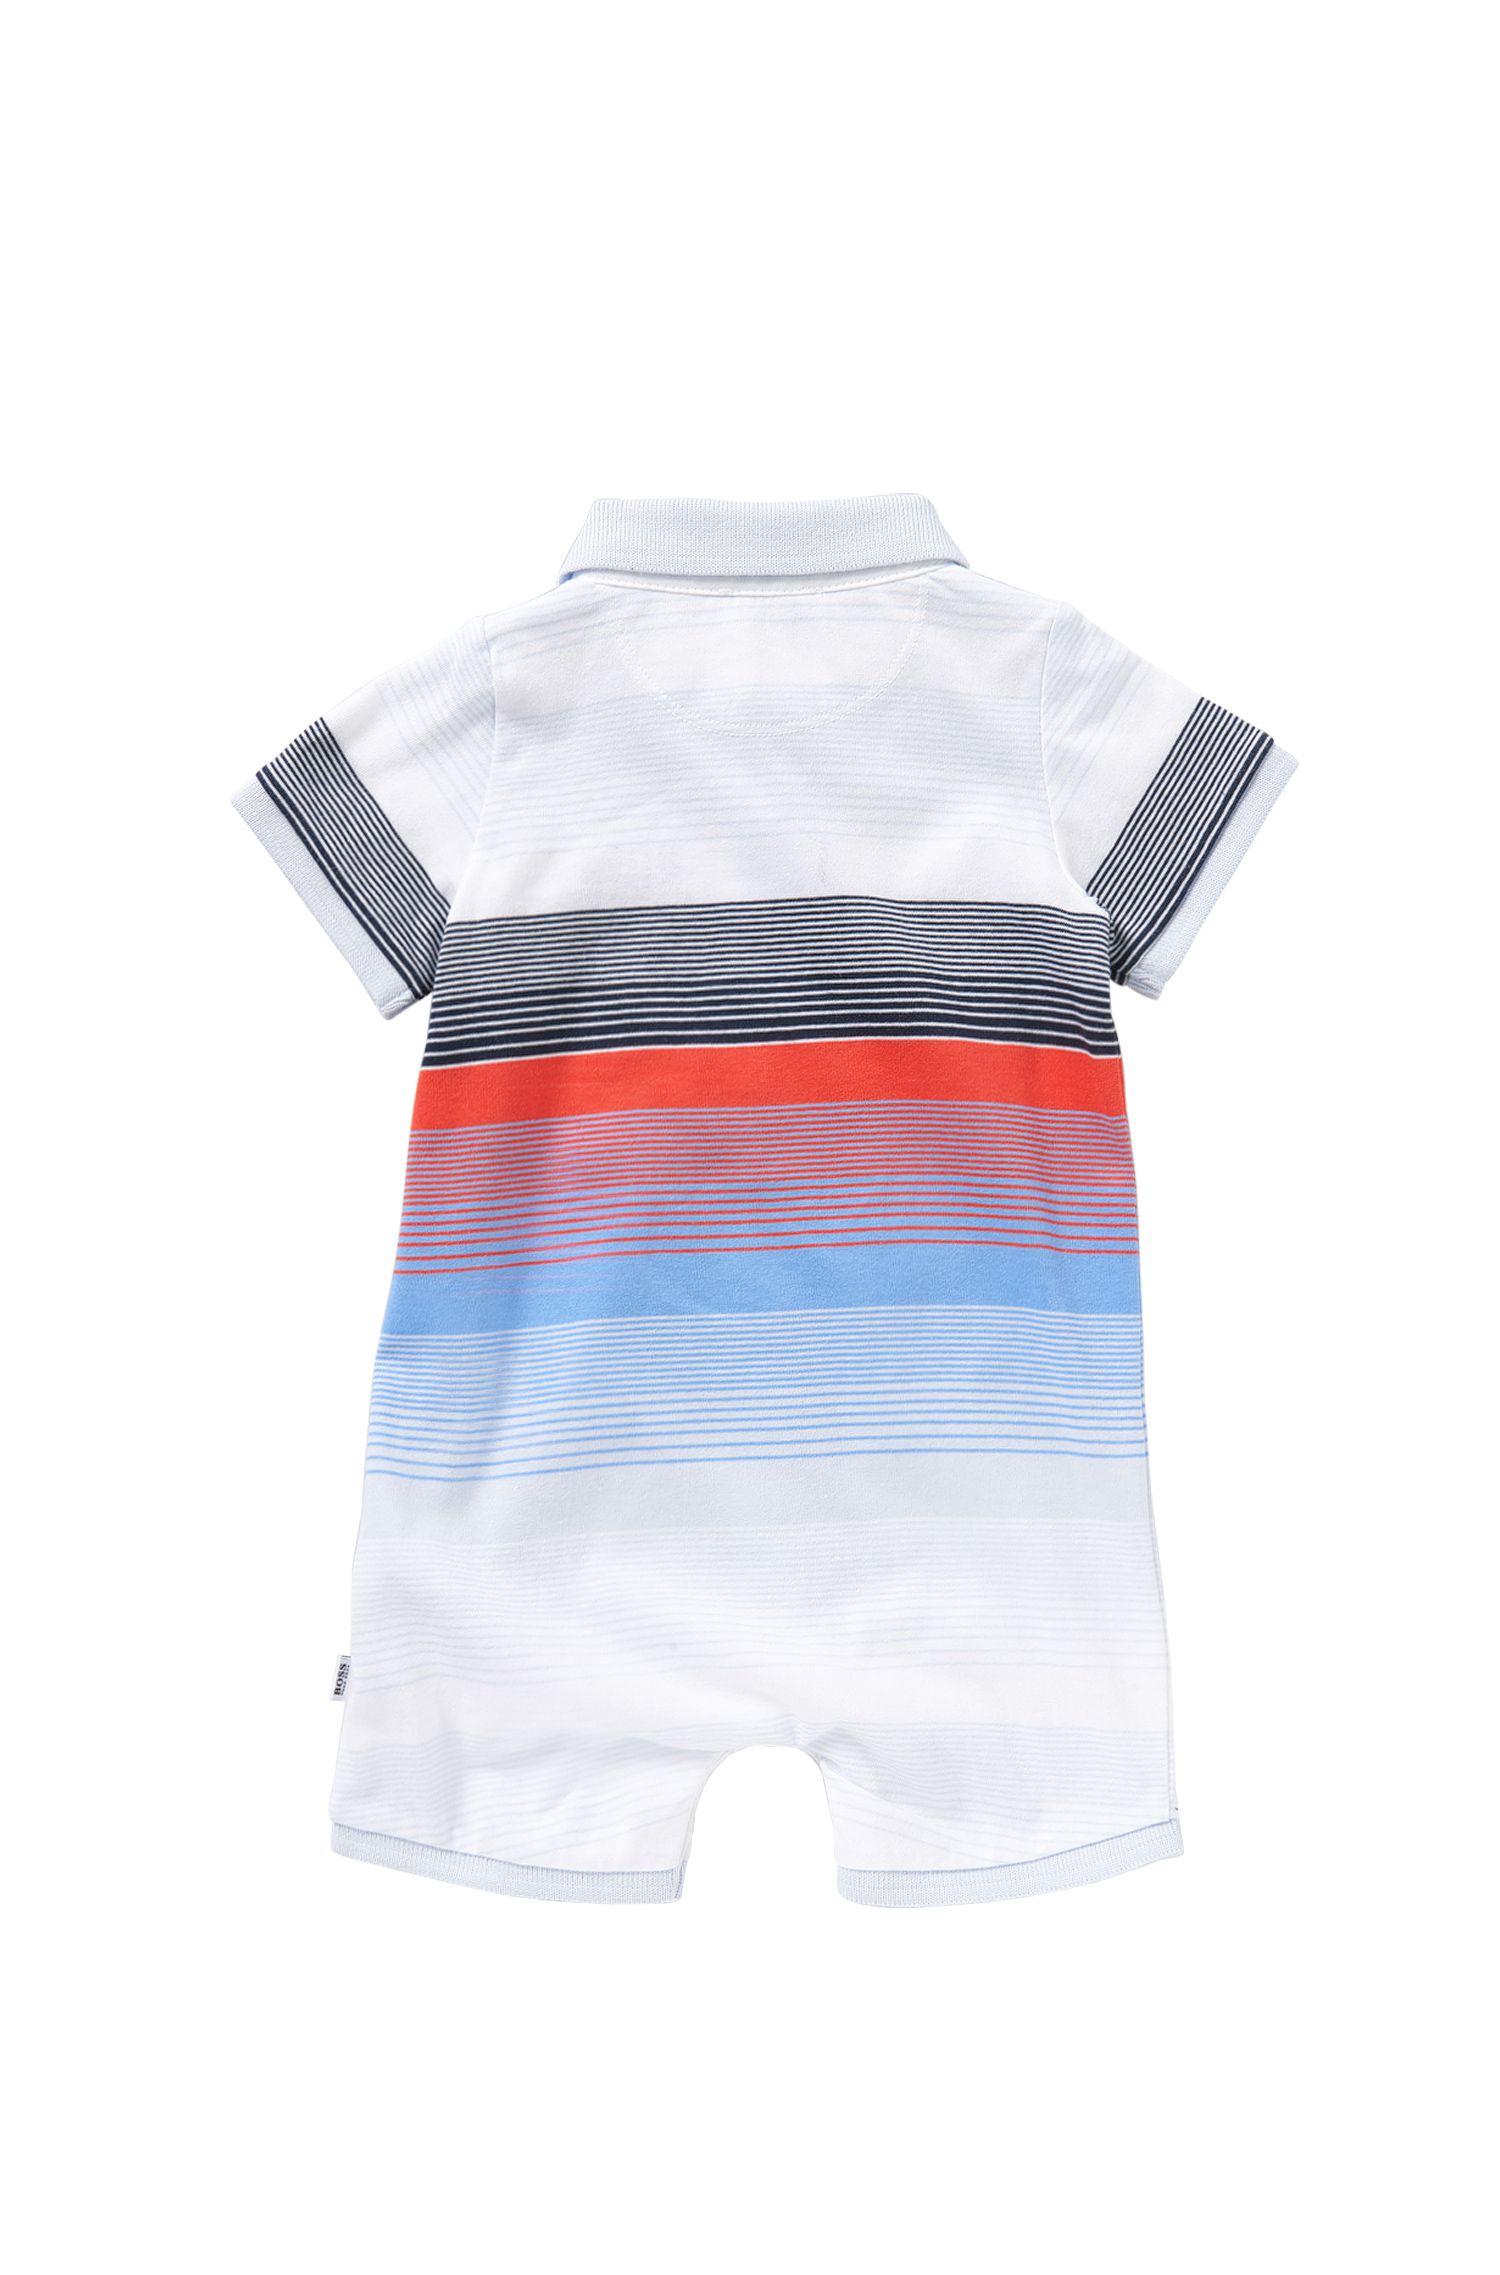 Mehrfarbig gestreifter Baby-Spieler aus Baumwolle: 'J94159'